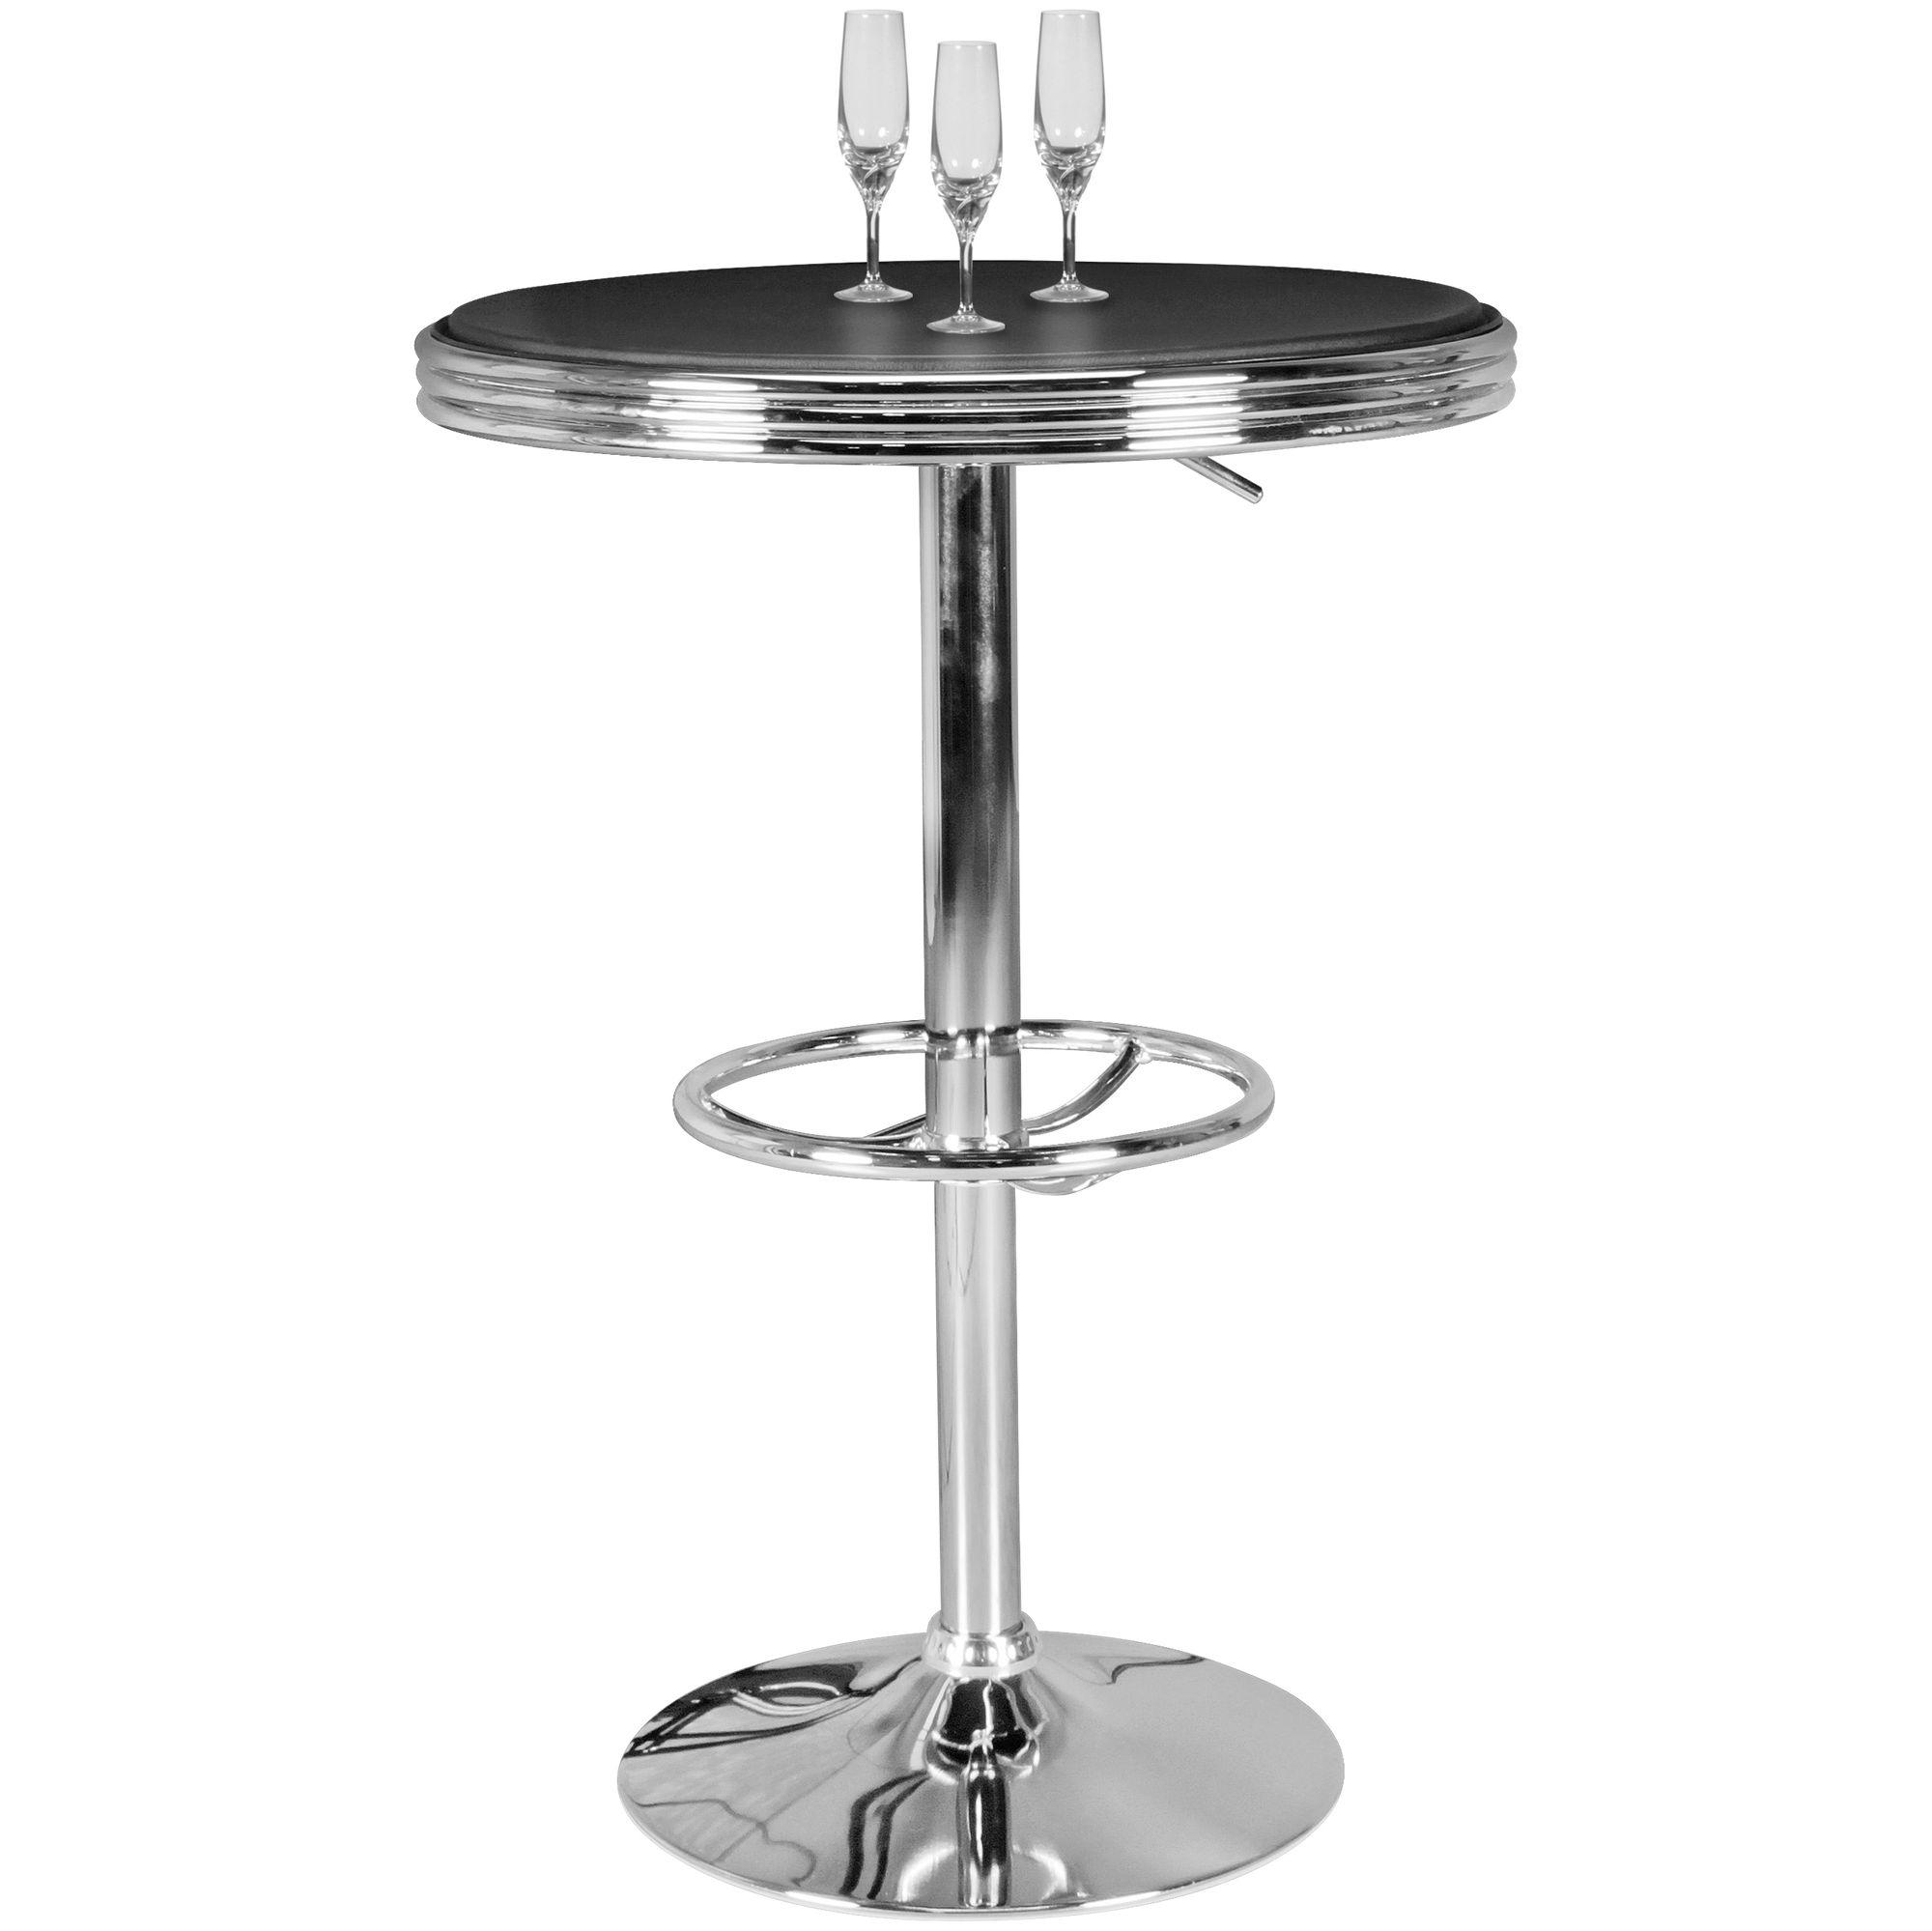 Bartisch Ø 60 cm American Diner Schwarz Alu Design Bistrotisch Stehtisch rund